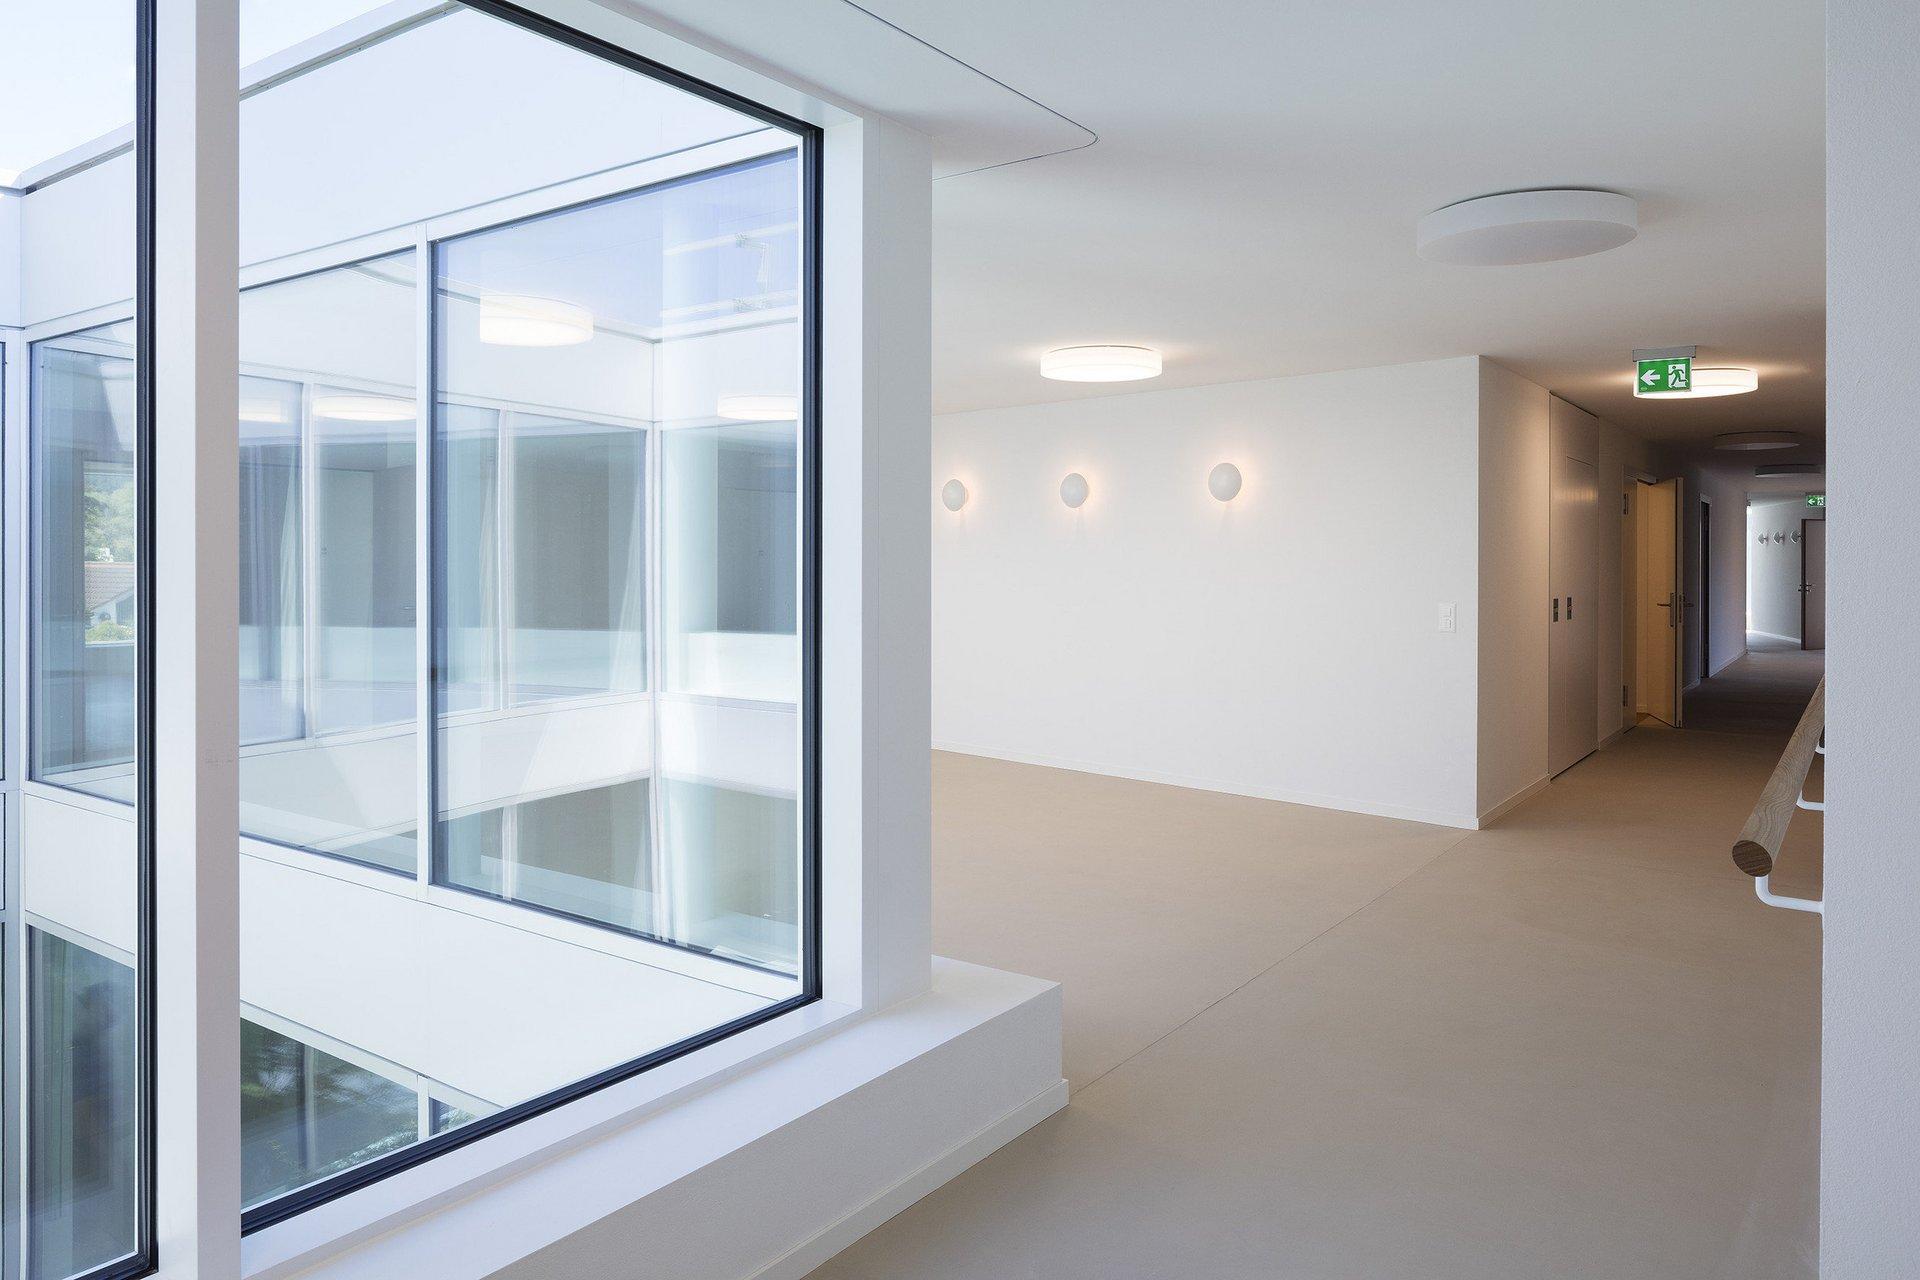 raumhohe Einflügelfenster feststehend sorgen für lichdurchflutete Räume